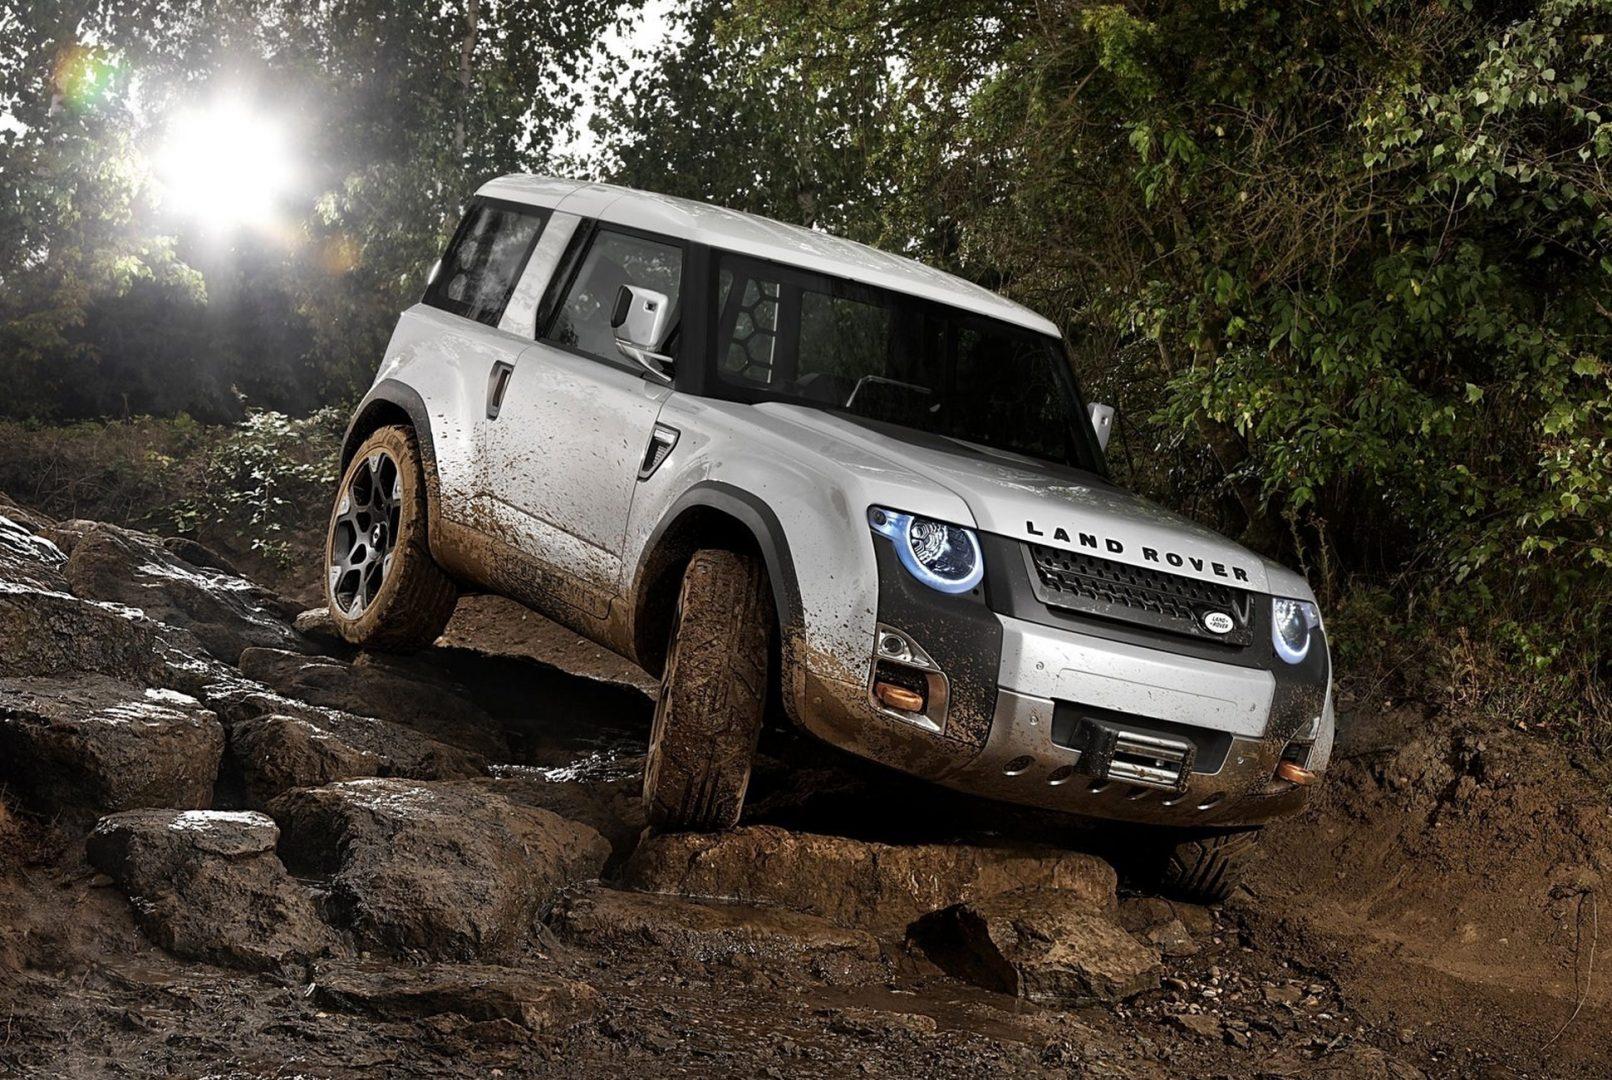 Road Rover, nueva denominación para los Land Rover eléctricos